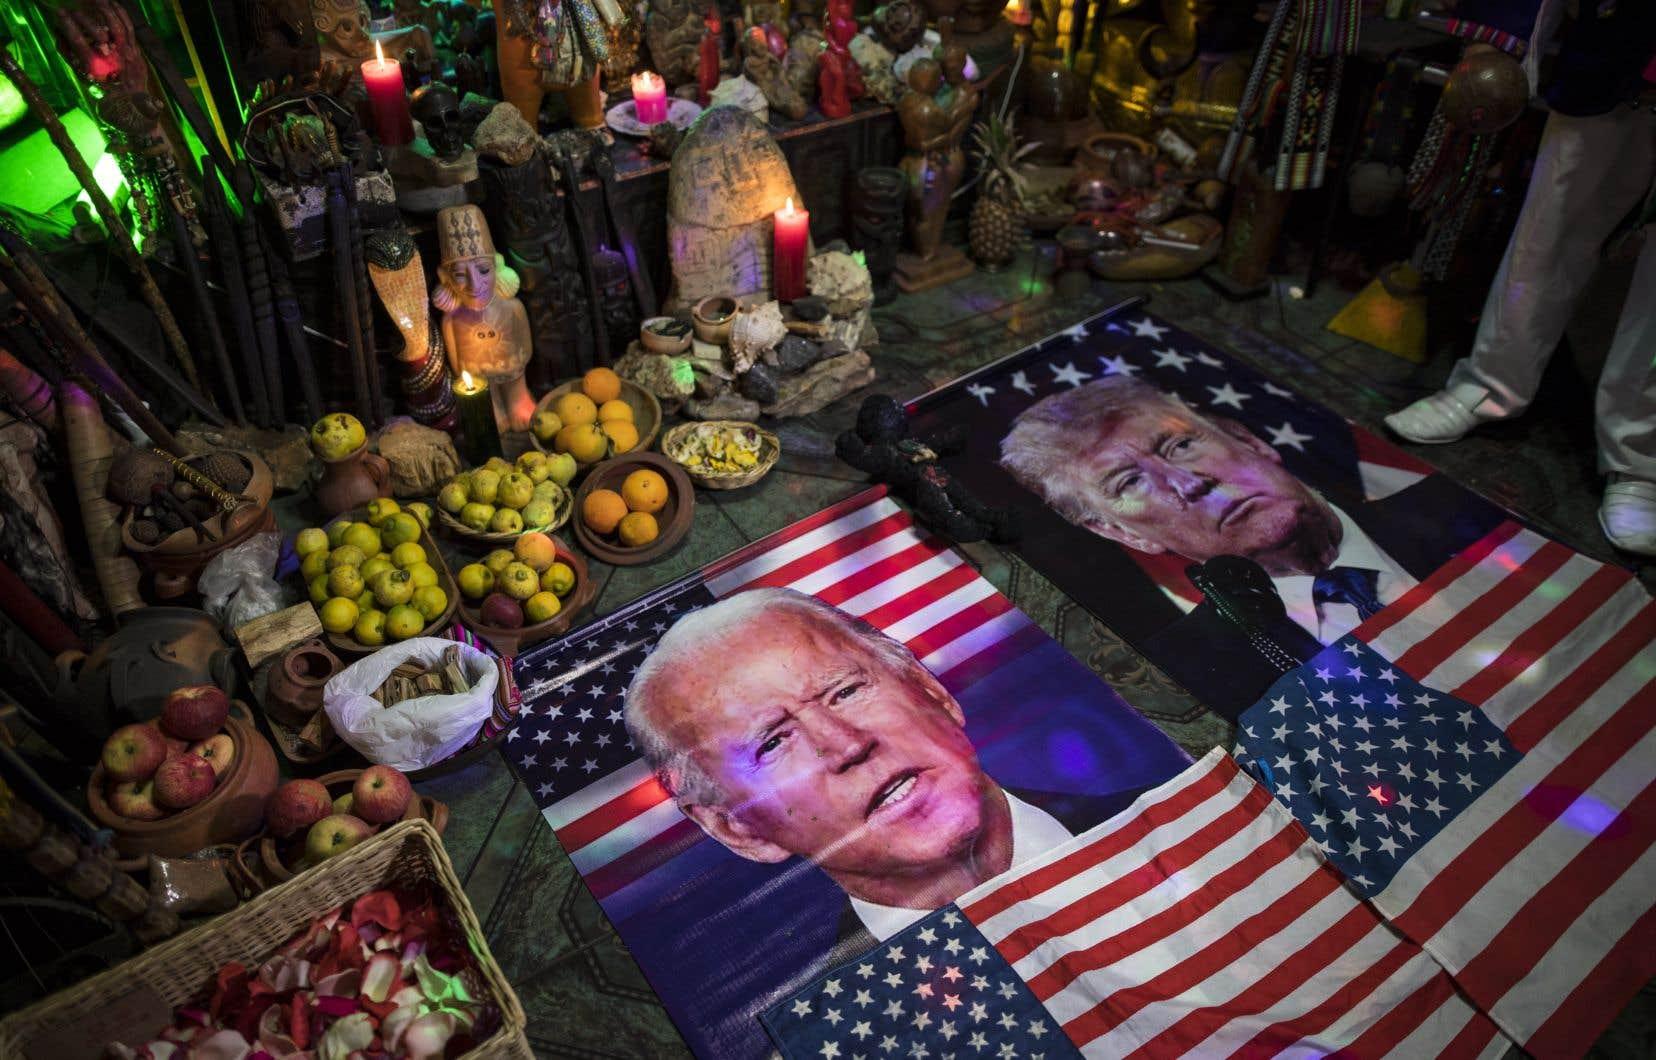 Le premier débat des chefs dans une course électorale demeure toujours un exercice périlleux pour le président sortant qui, au terme de son premier mandat, peut perdre quelques plumes dans une telle rencontre. Sur la photo, des portraits de Joe Biden et de Donald Trump aperçus lors d'un rituel shamanique, àLima, au Pérou, visant à prédire qui remportera la présidentielle américaine.